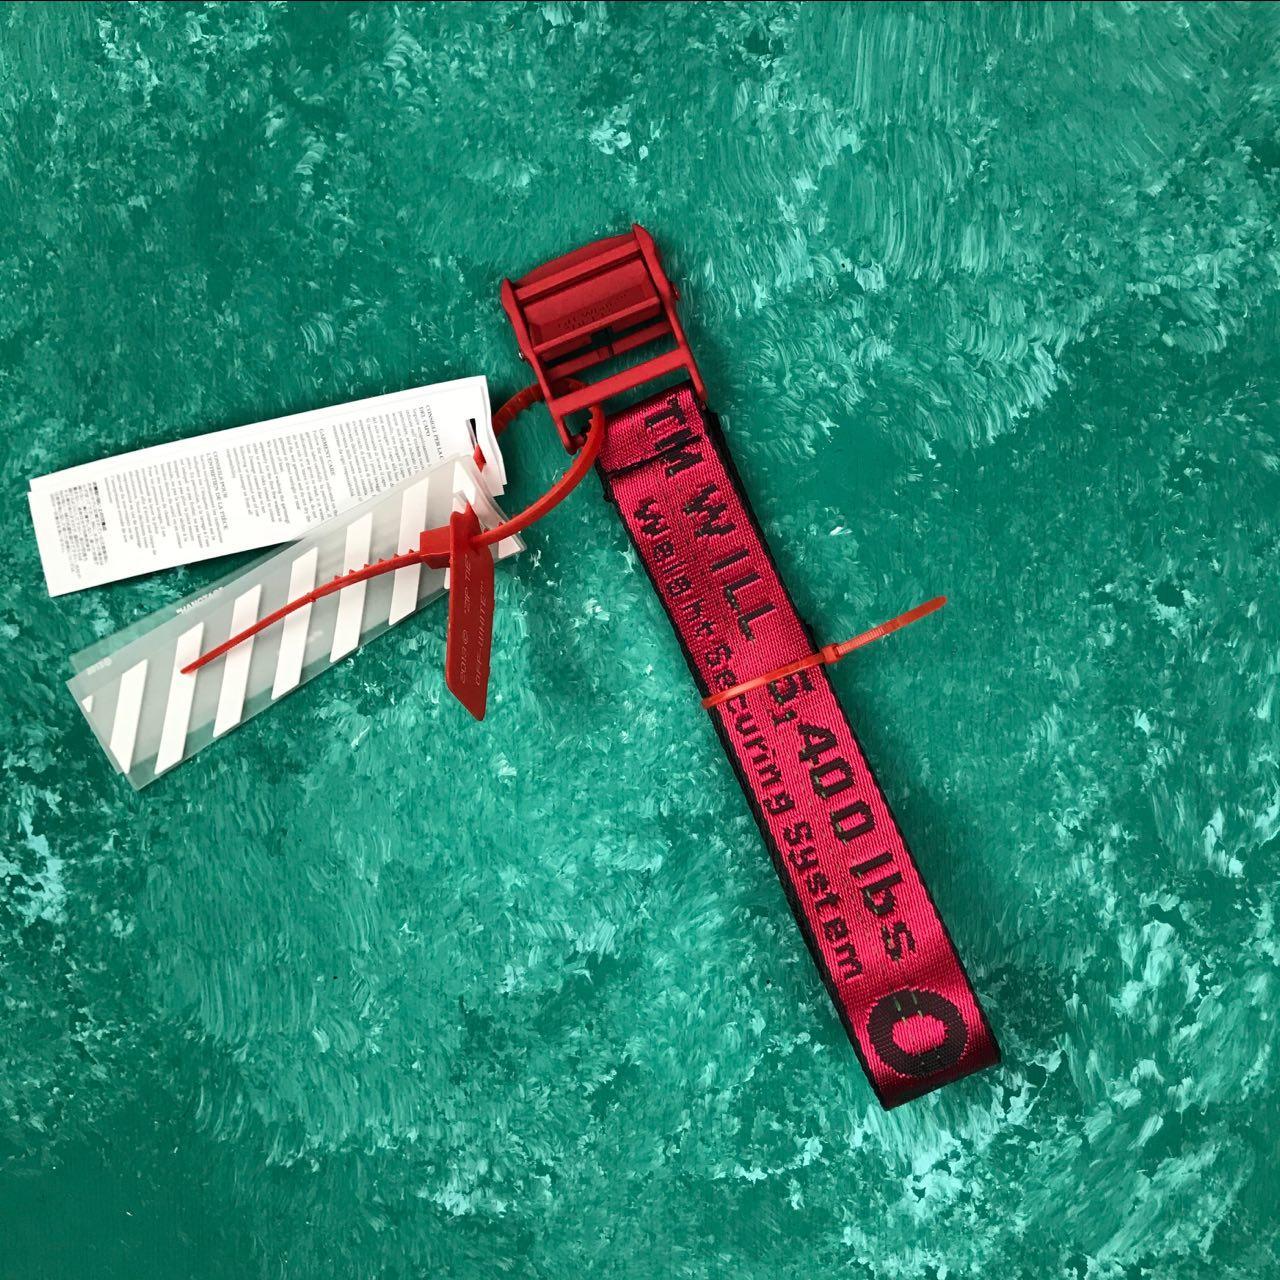 Ремень Пояс Off-White Original Belt Офф Вайт 150 см Красный с красной пряжкой